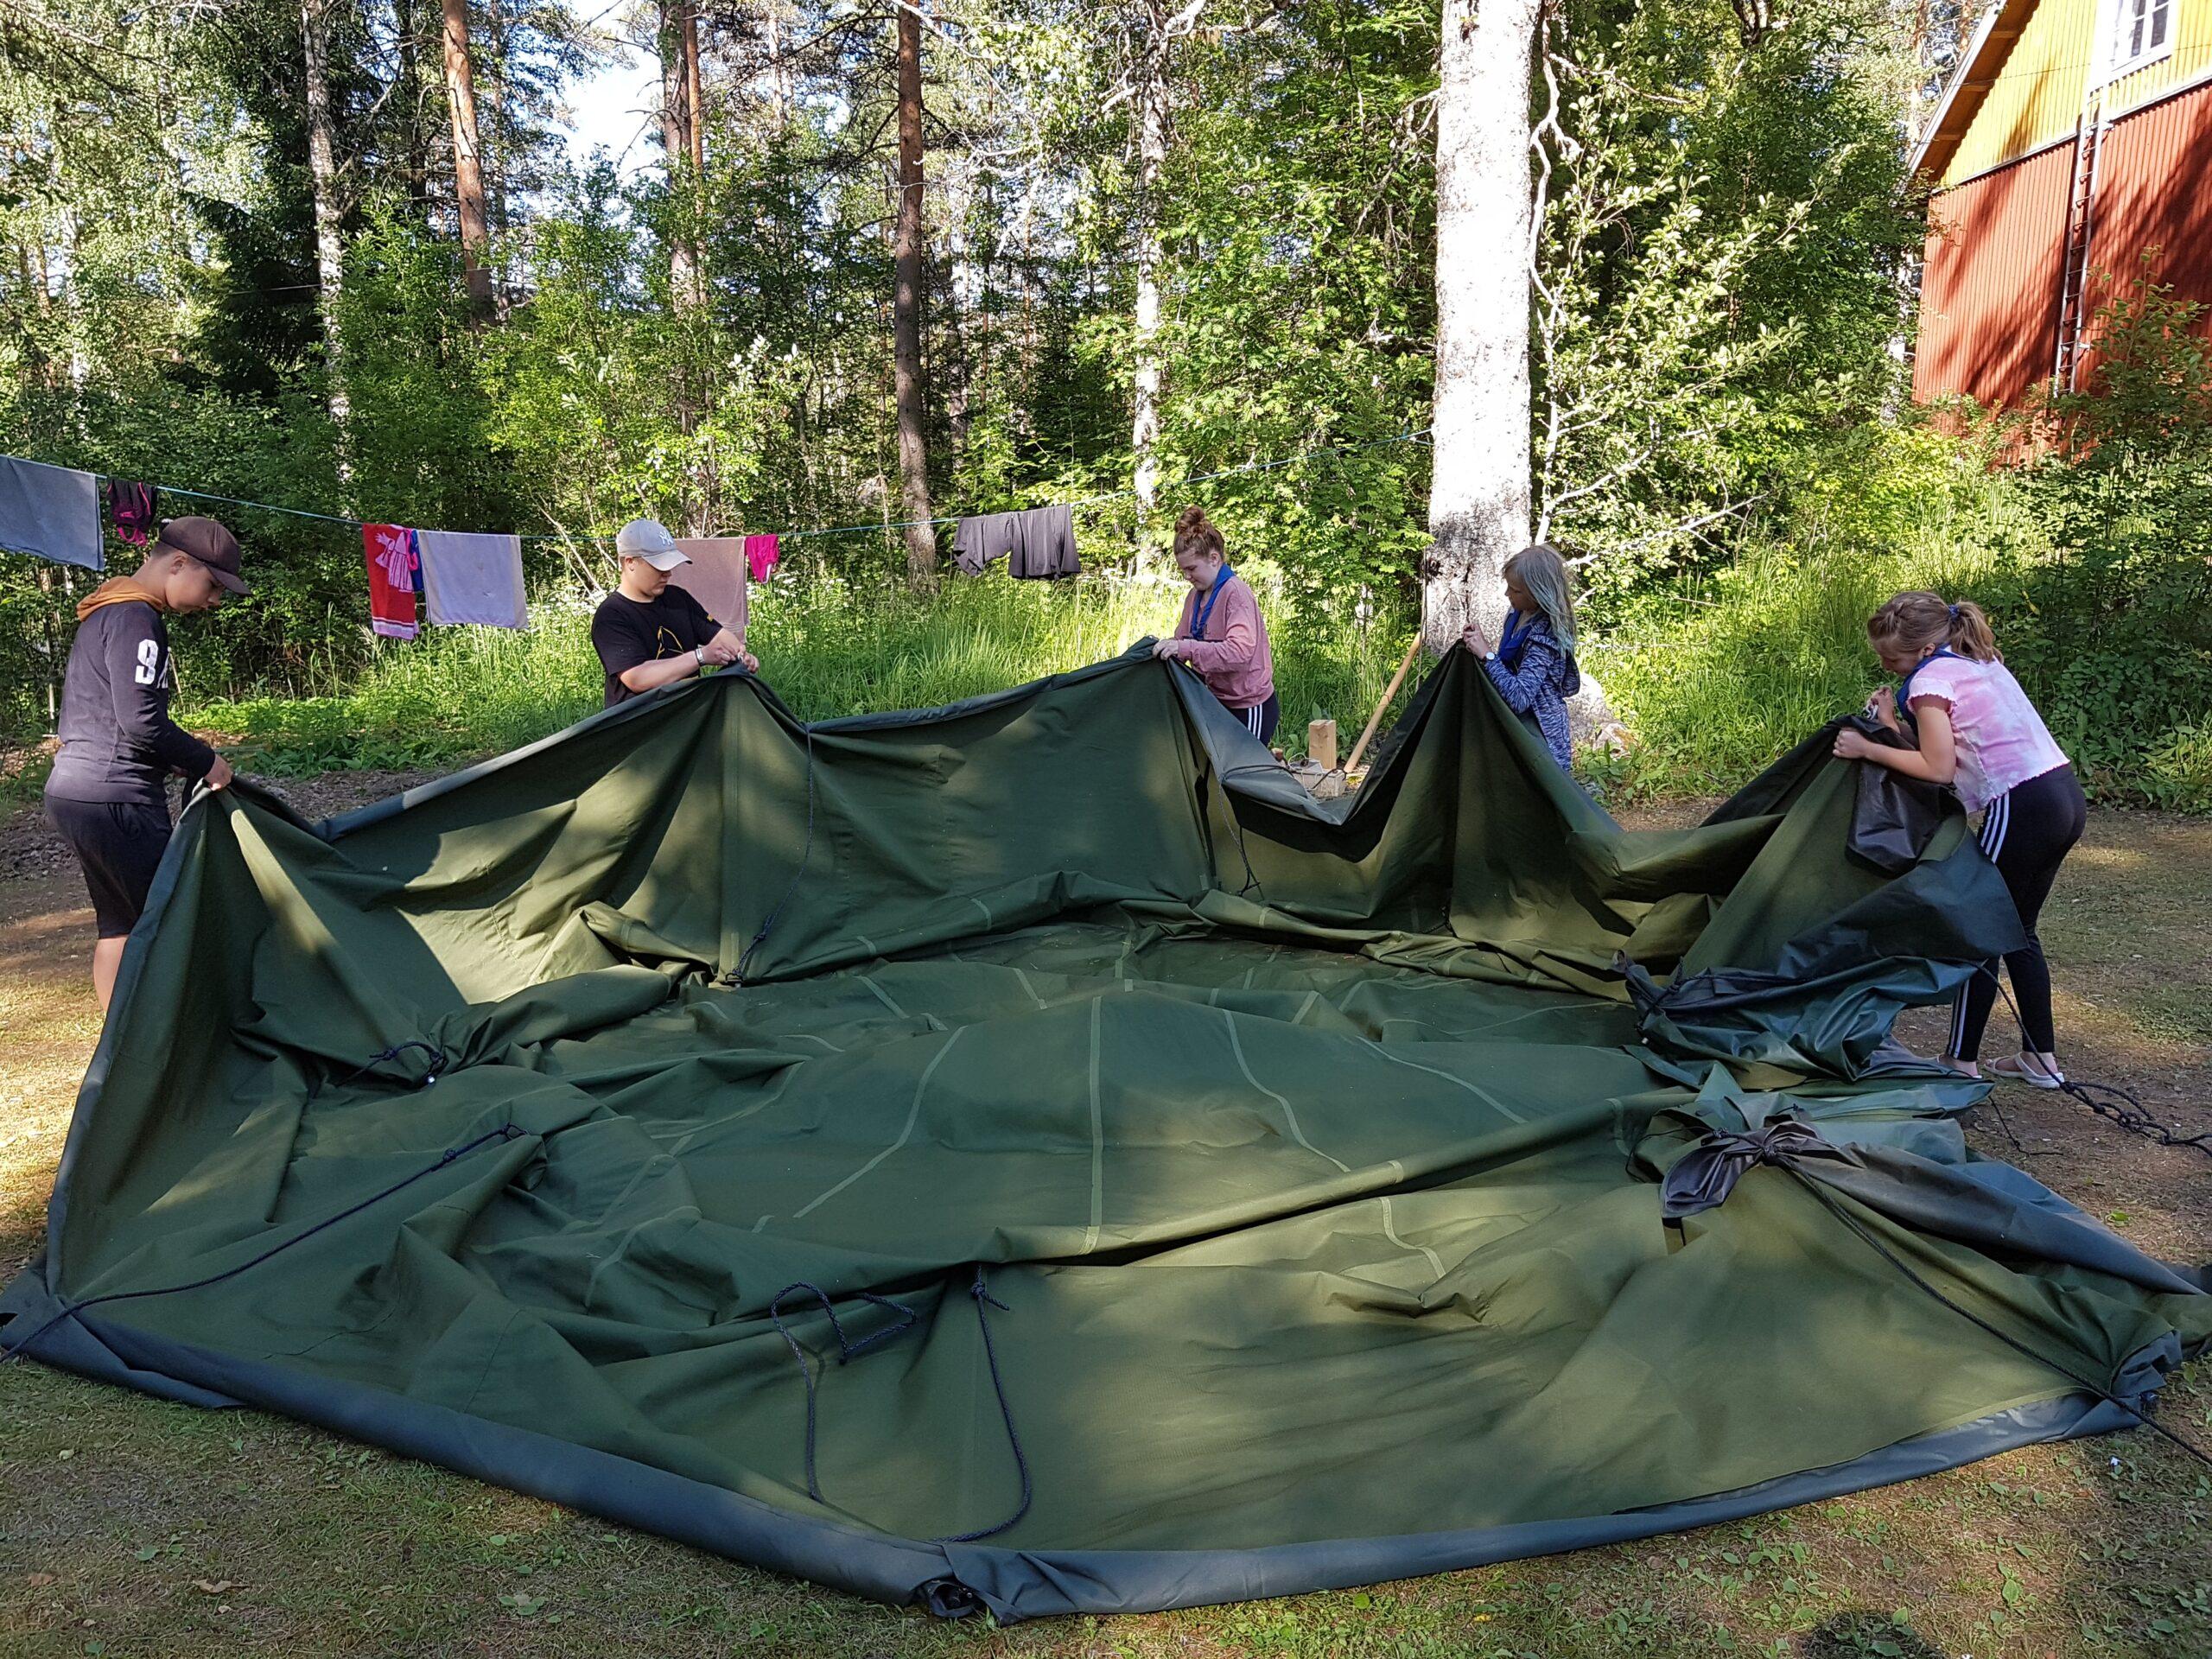 Juupajoen Eräpartiossa opetetaan erilaisia erätaitoja, kuten teltan kasaamista. Kuva: Emmi Pajunen.